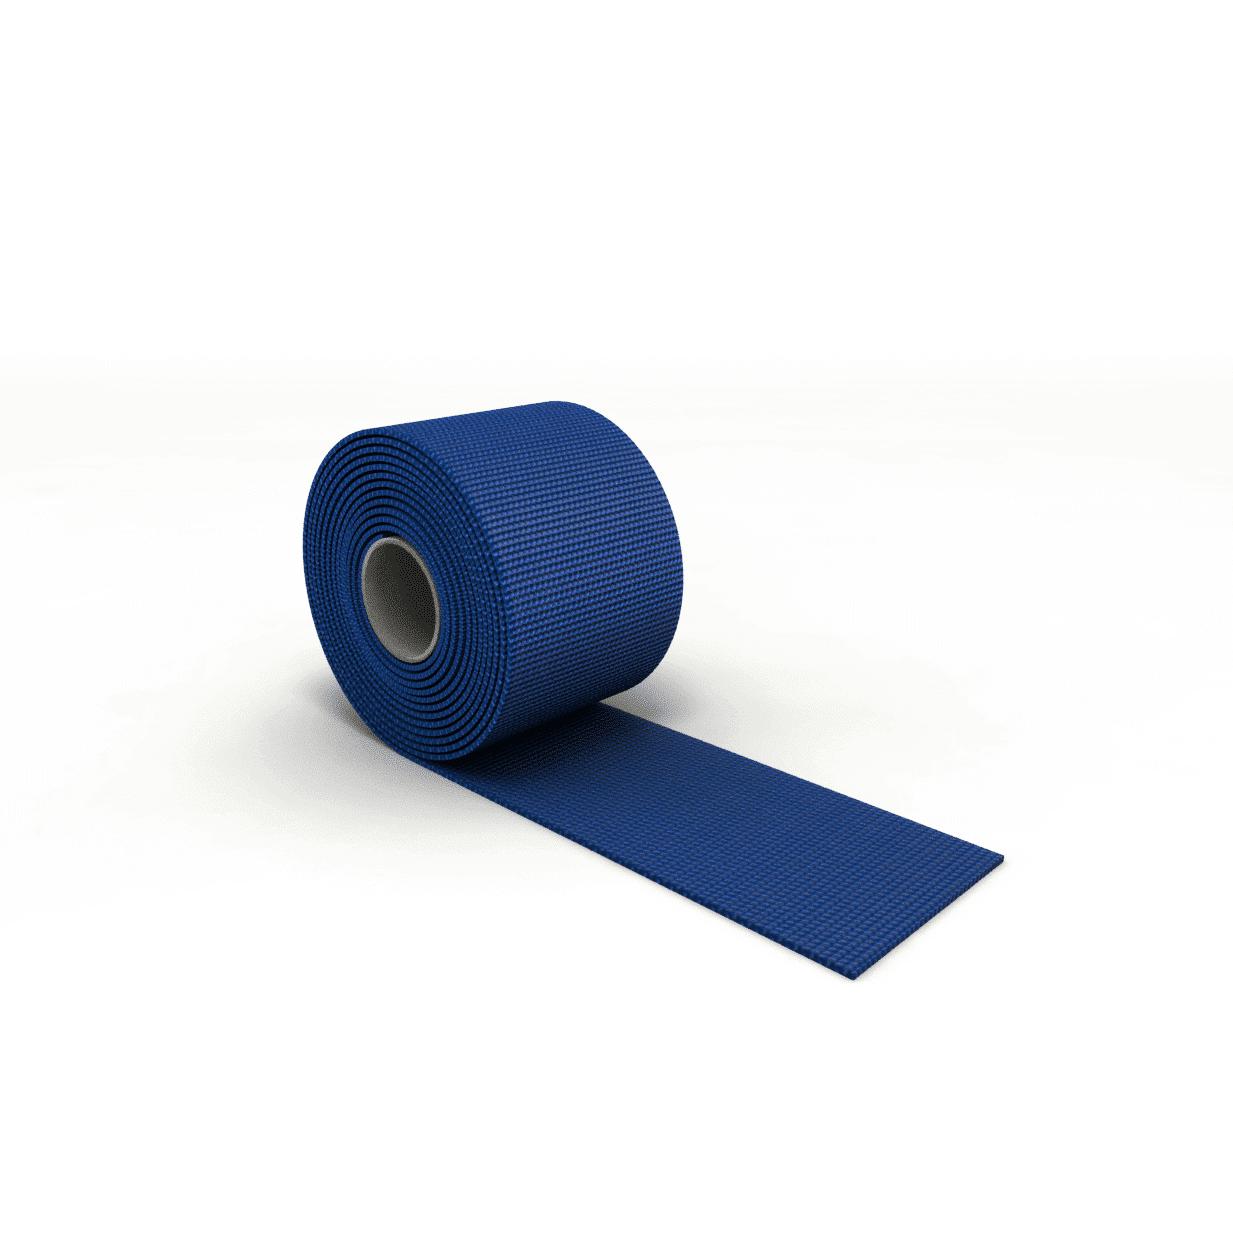 Gurtband für Rodelsitzblau